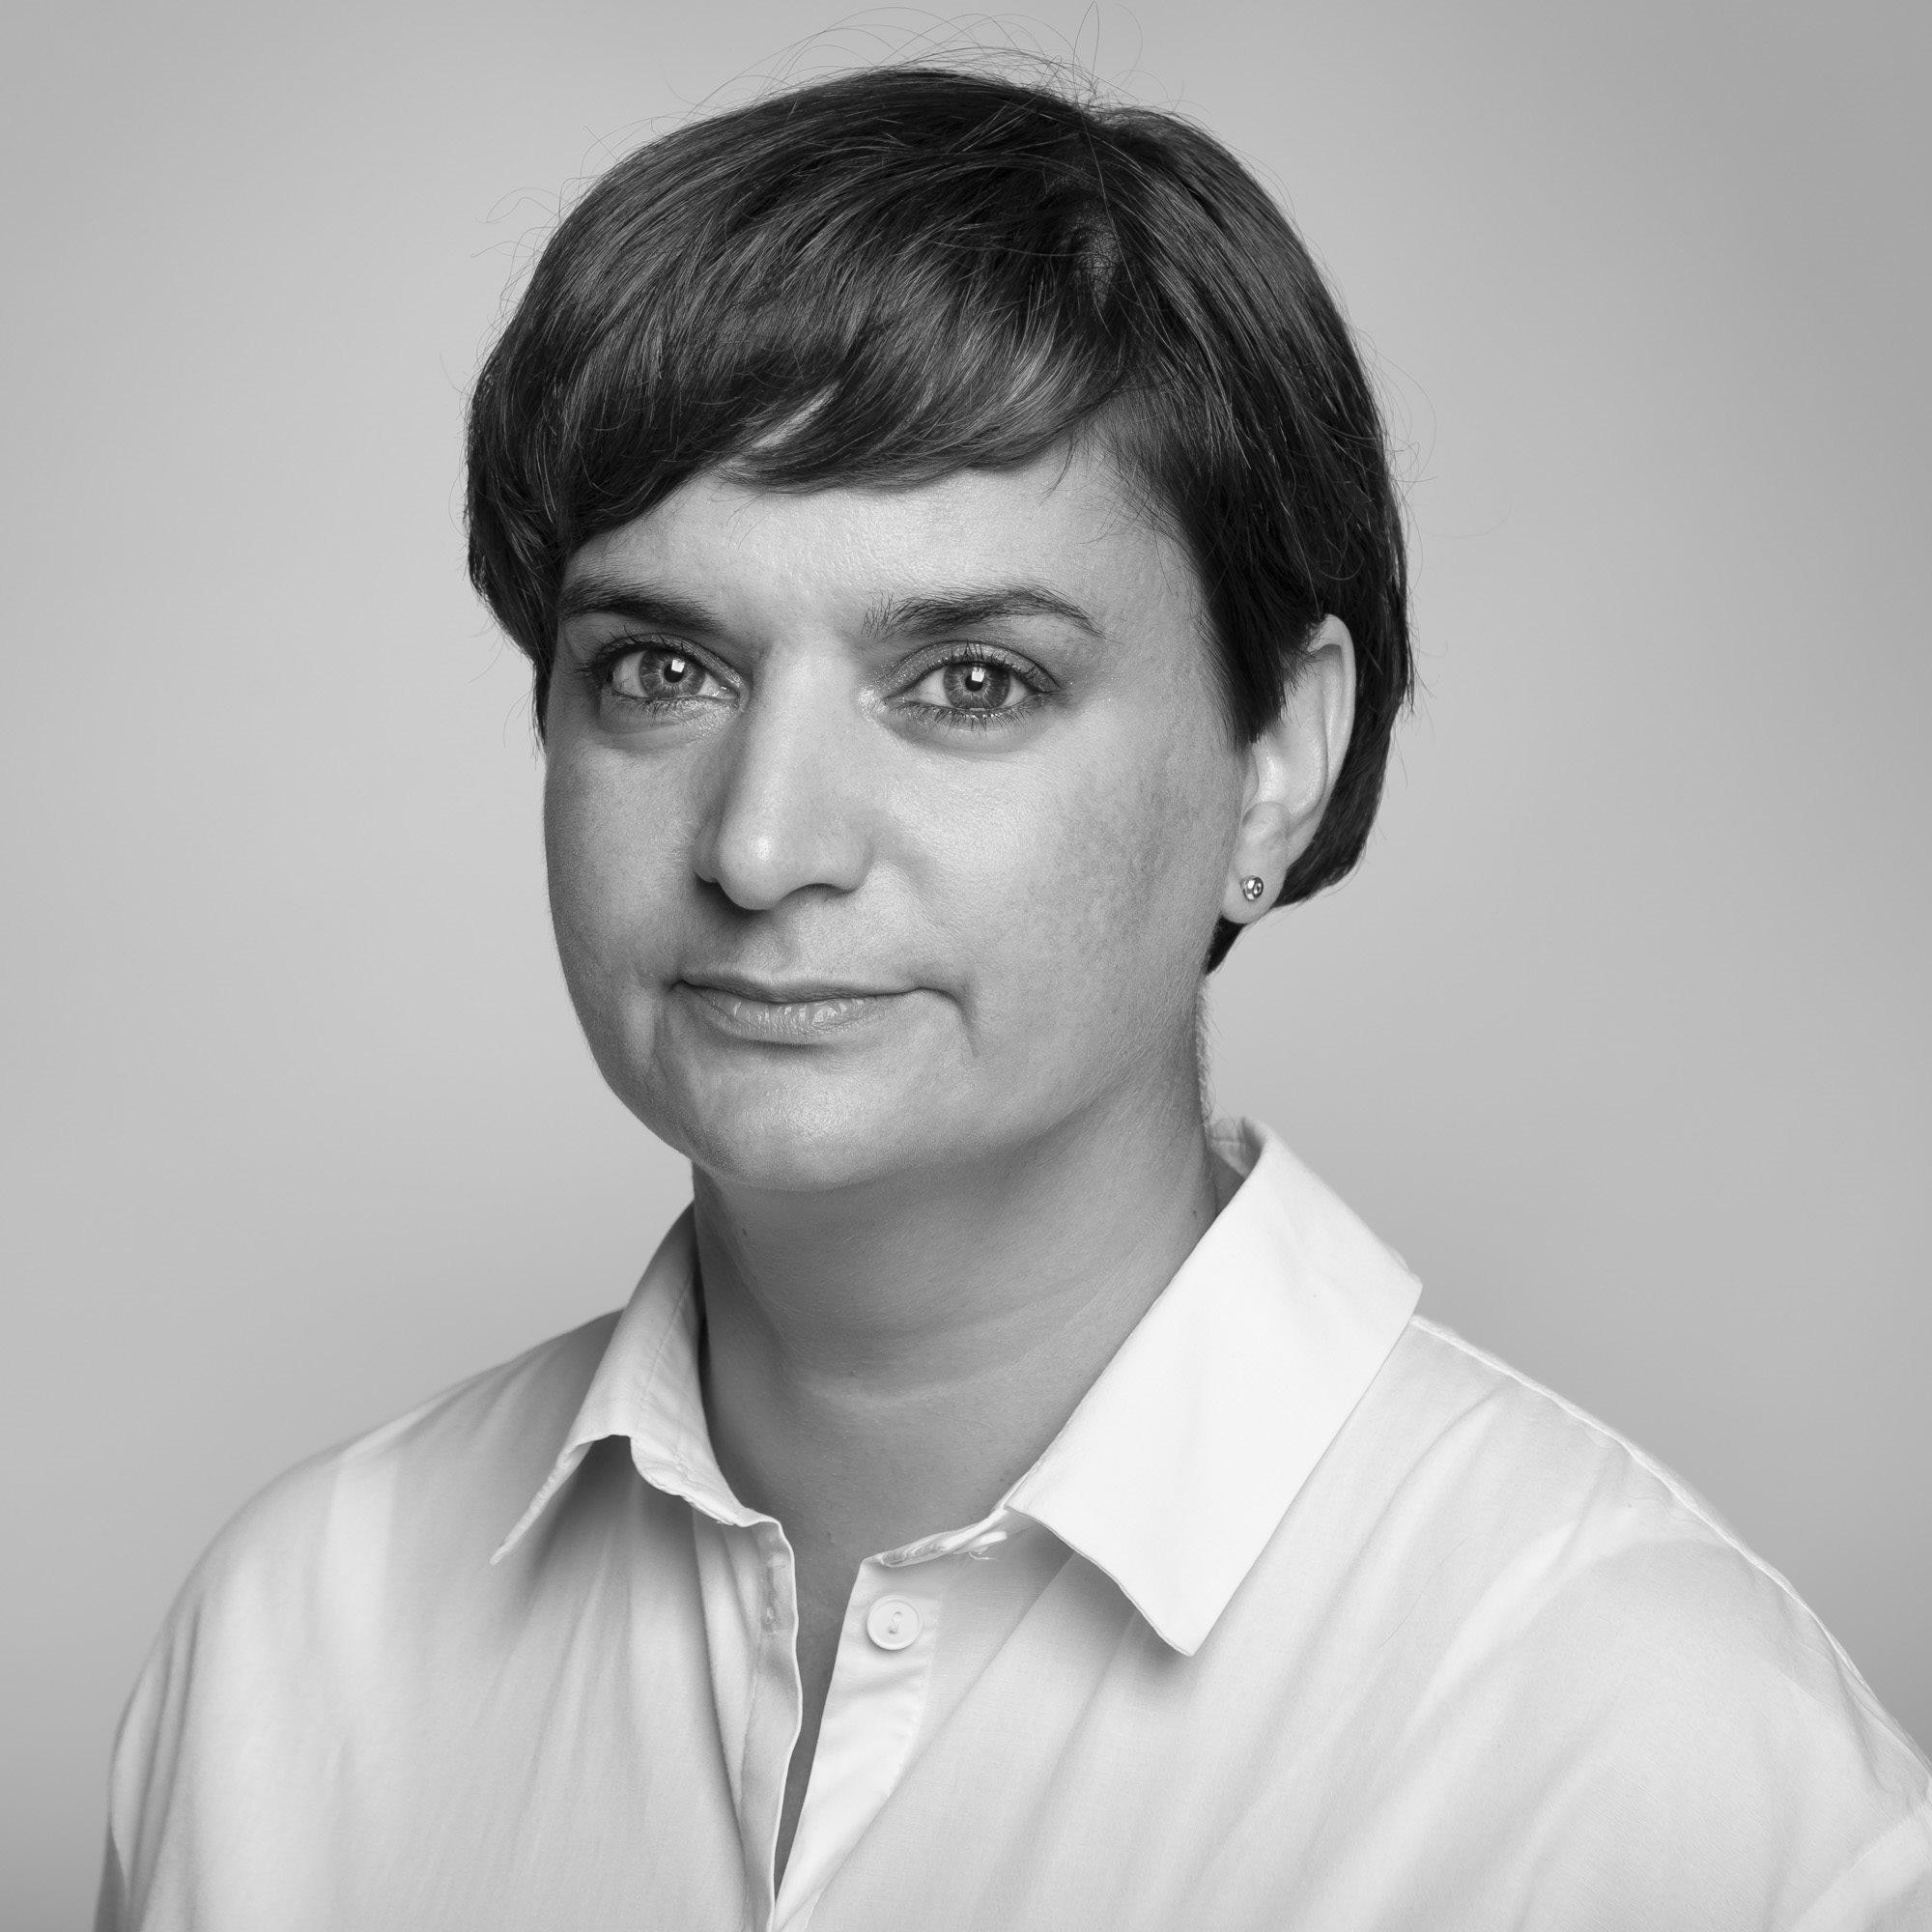 Μελίνα Σιδηροπούλου